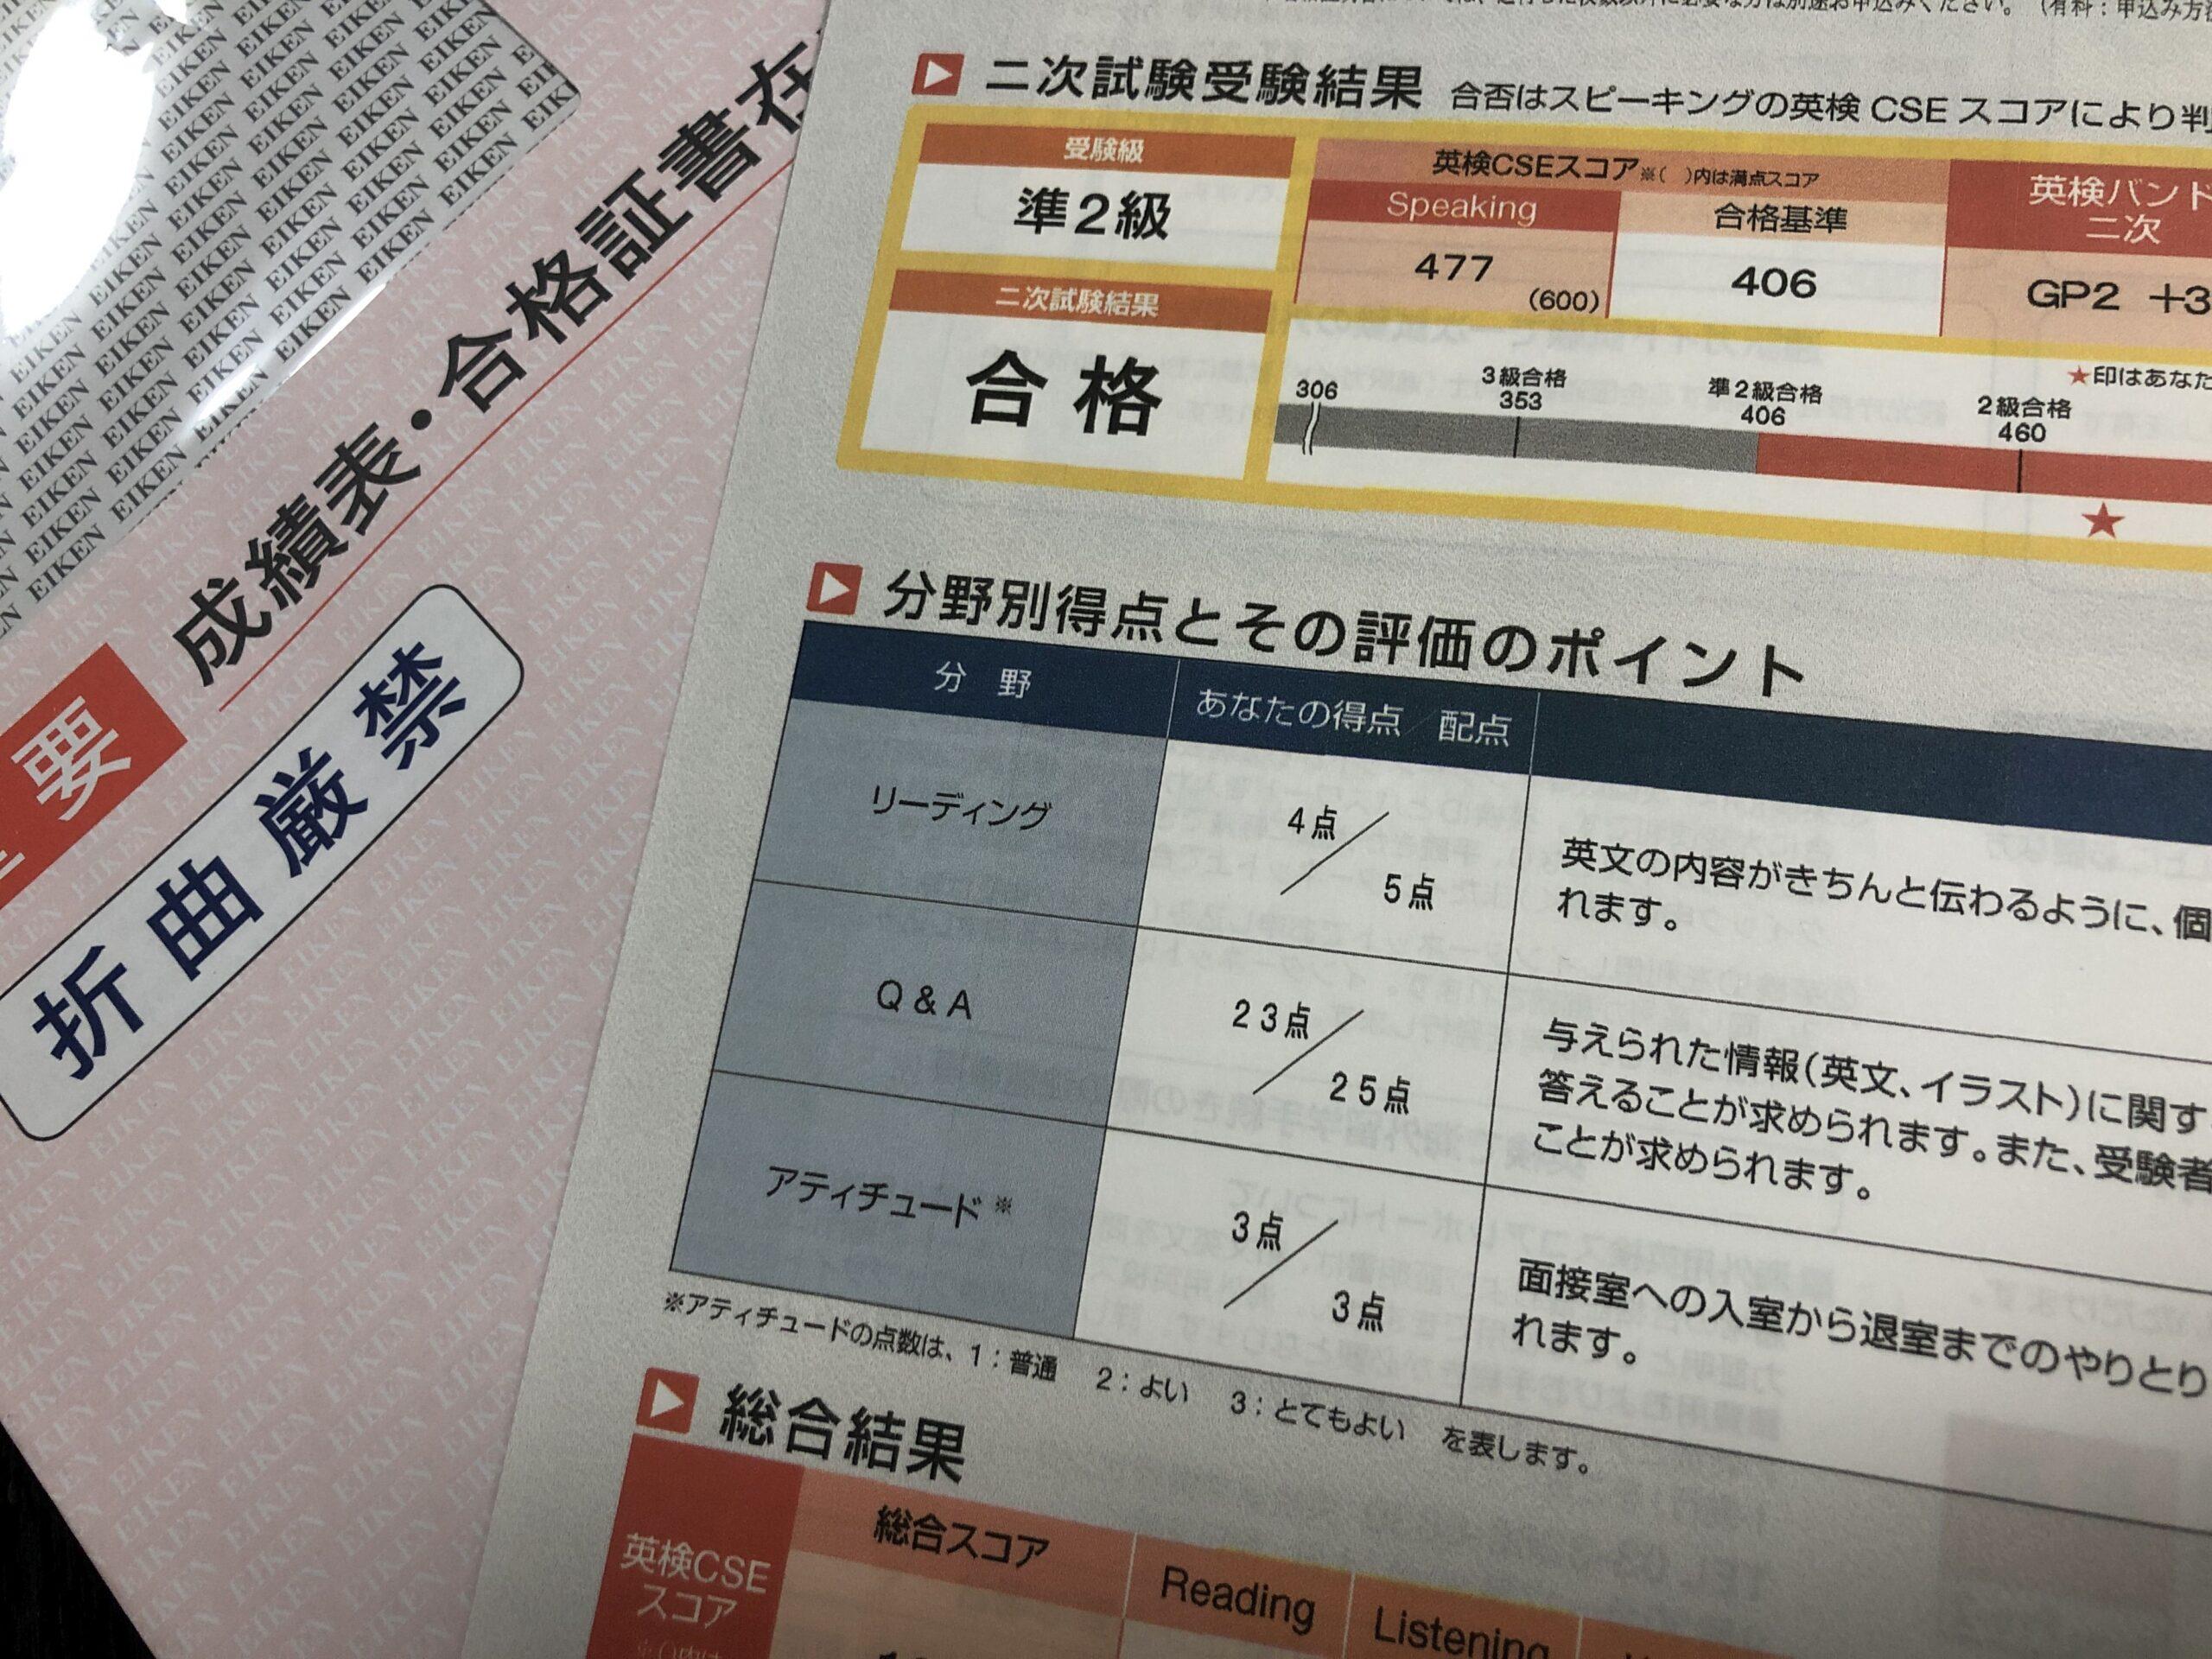 英 検 準 2 級 2 次 試験